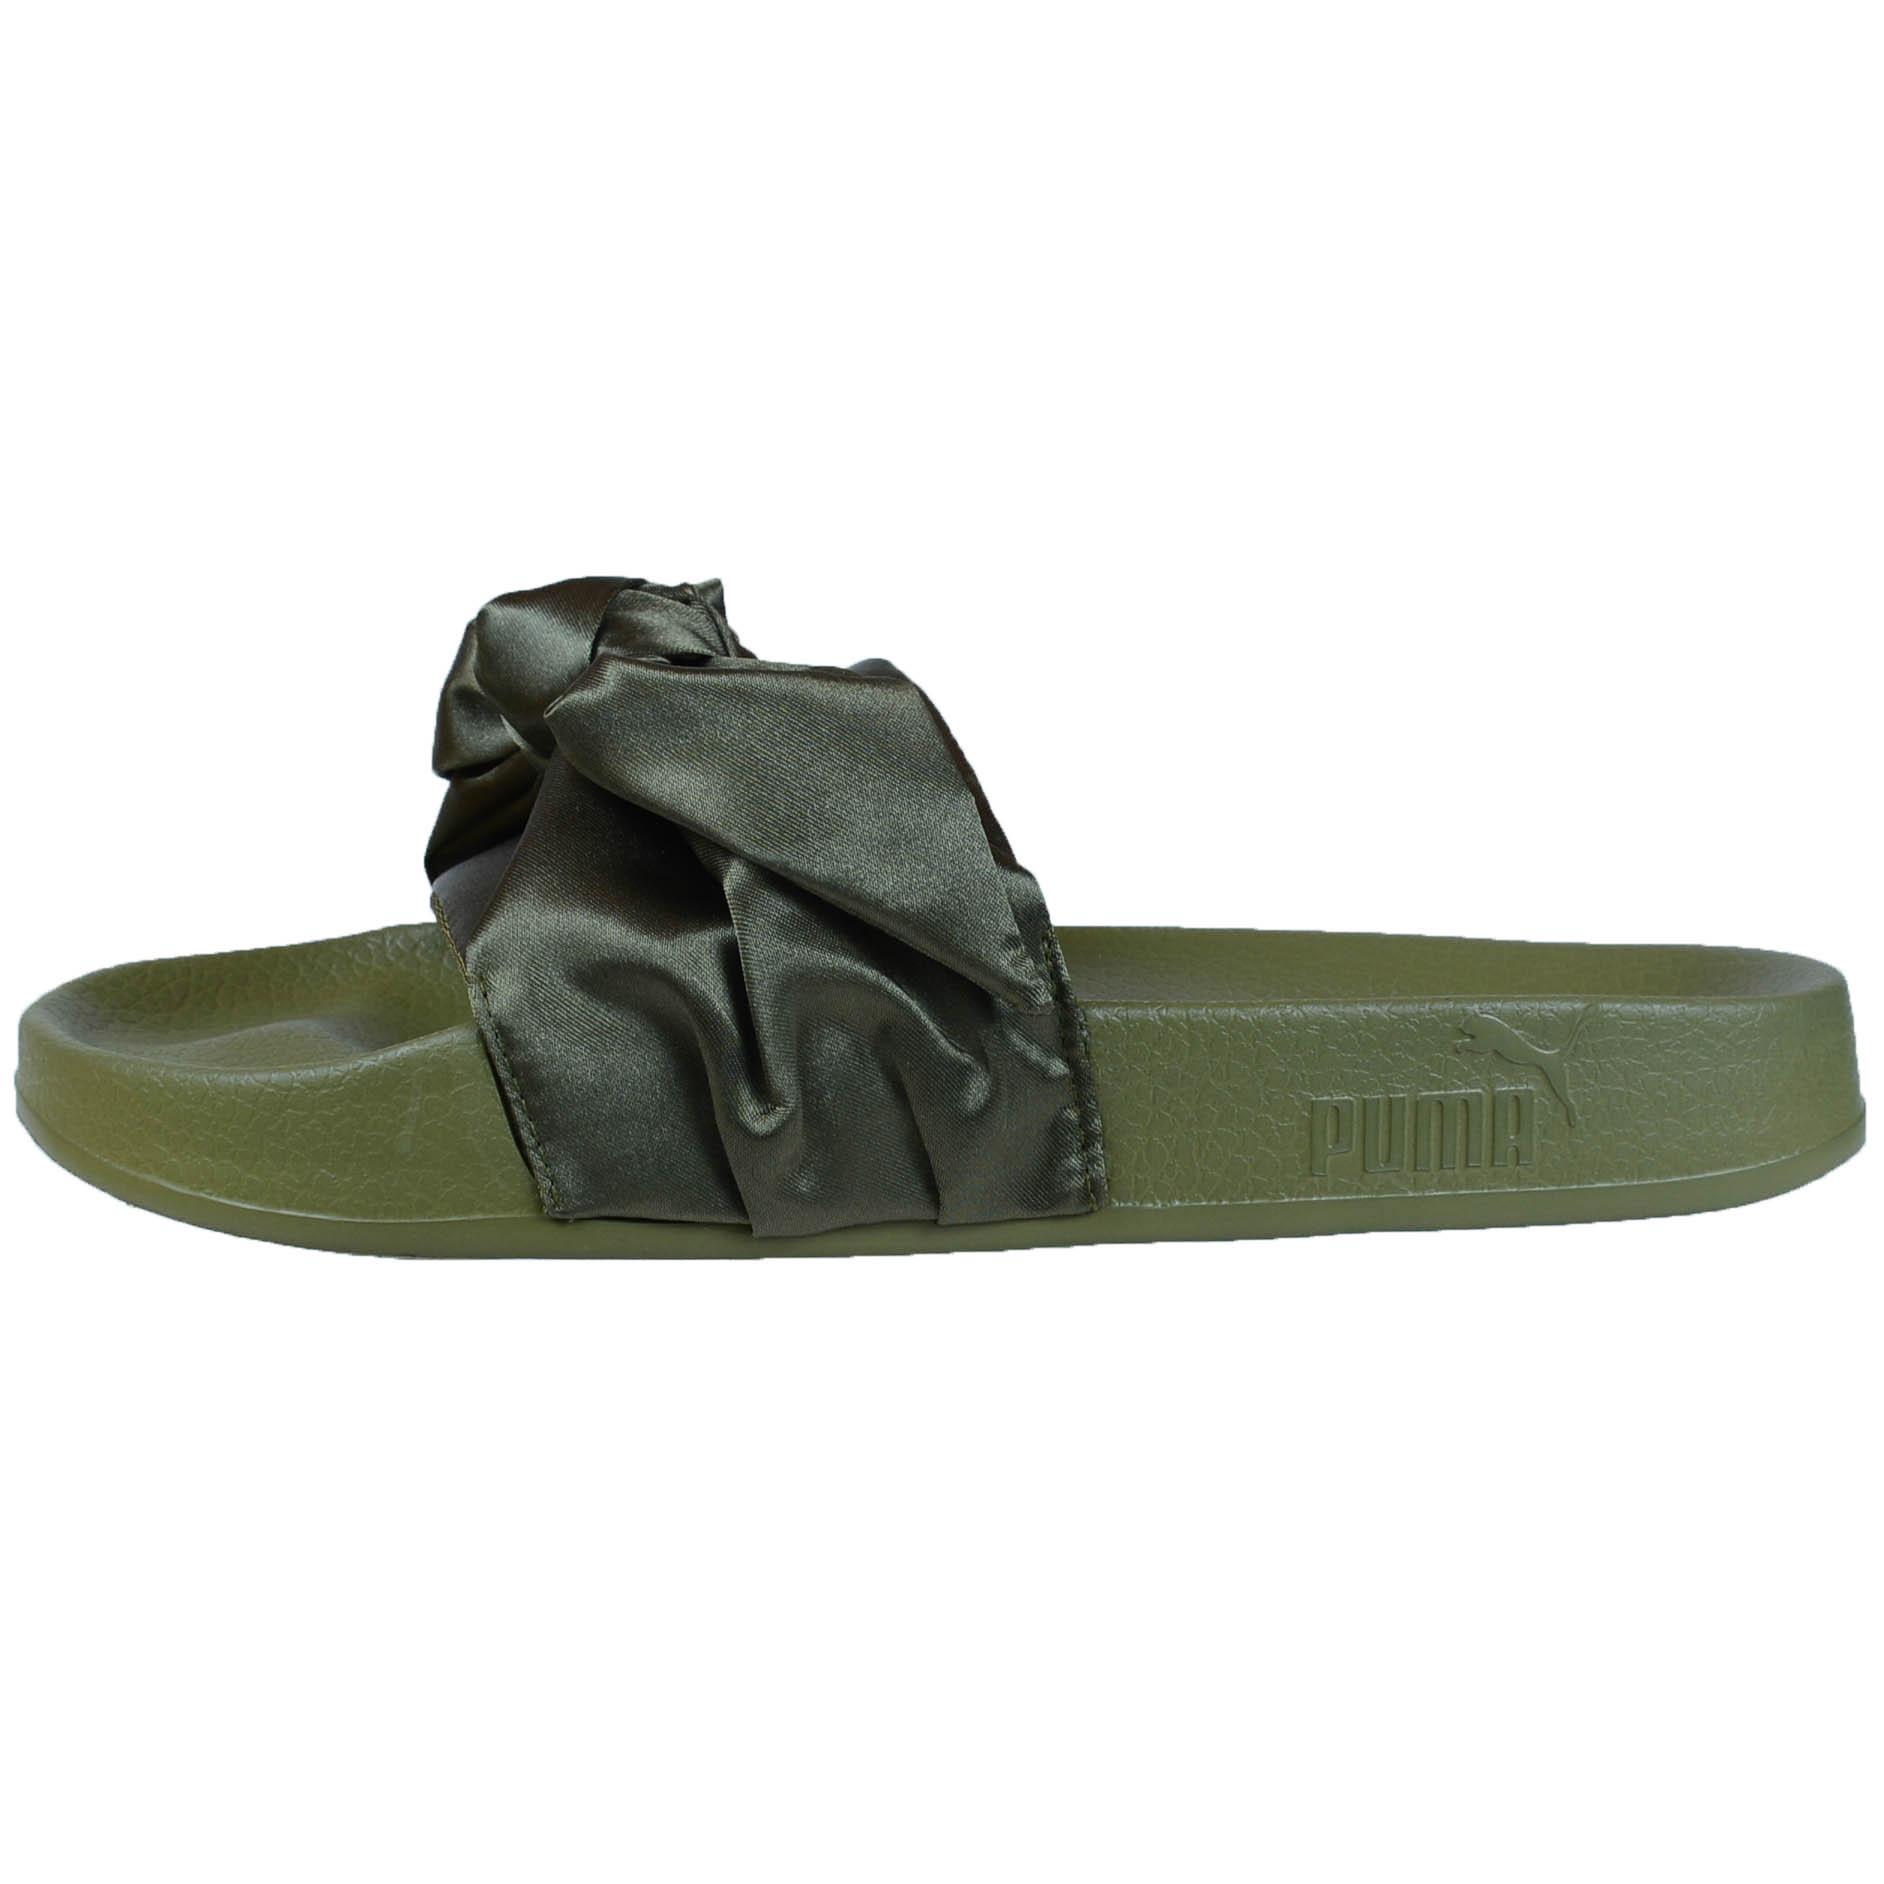 puma by rihanna fenty women 39 s bow slide sandals pink olive green 365774 03 01 ebay. Black Bedroom Furniture Sets. Home Design Ideas